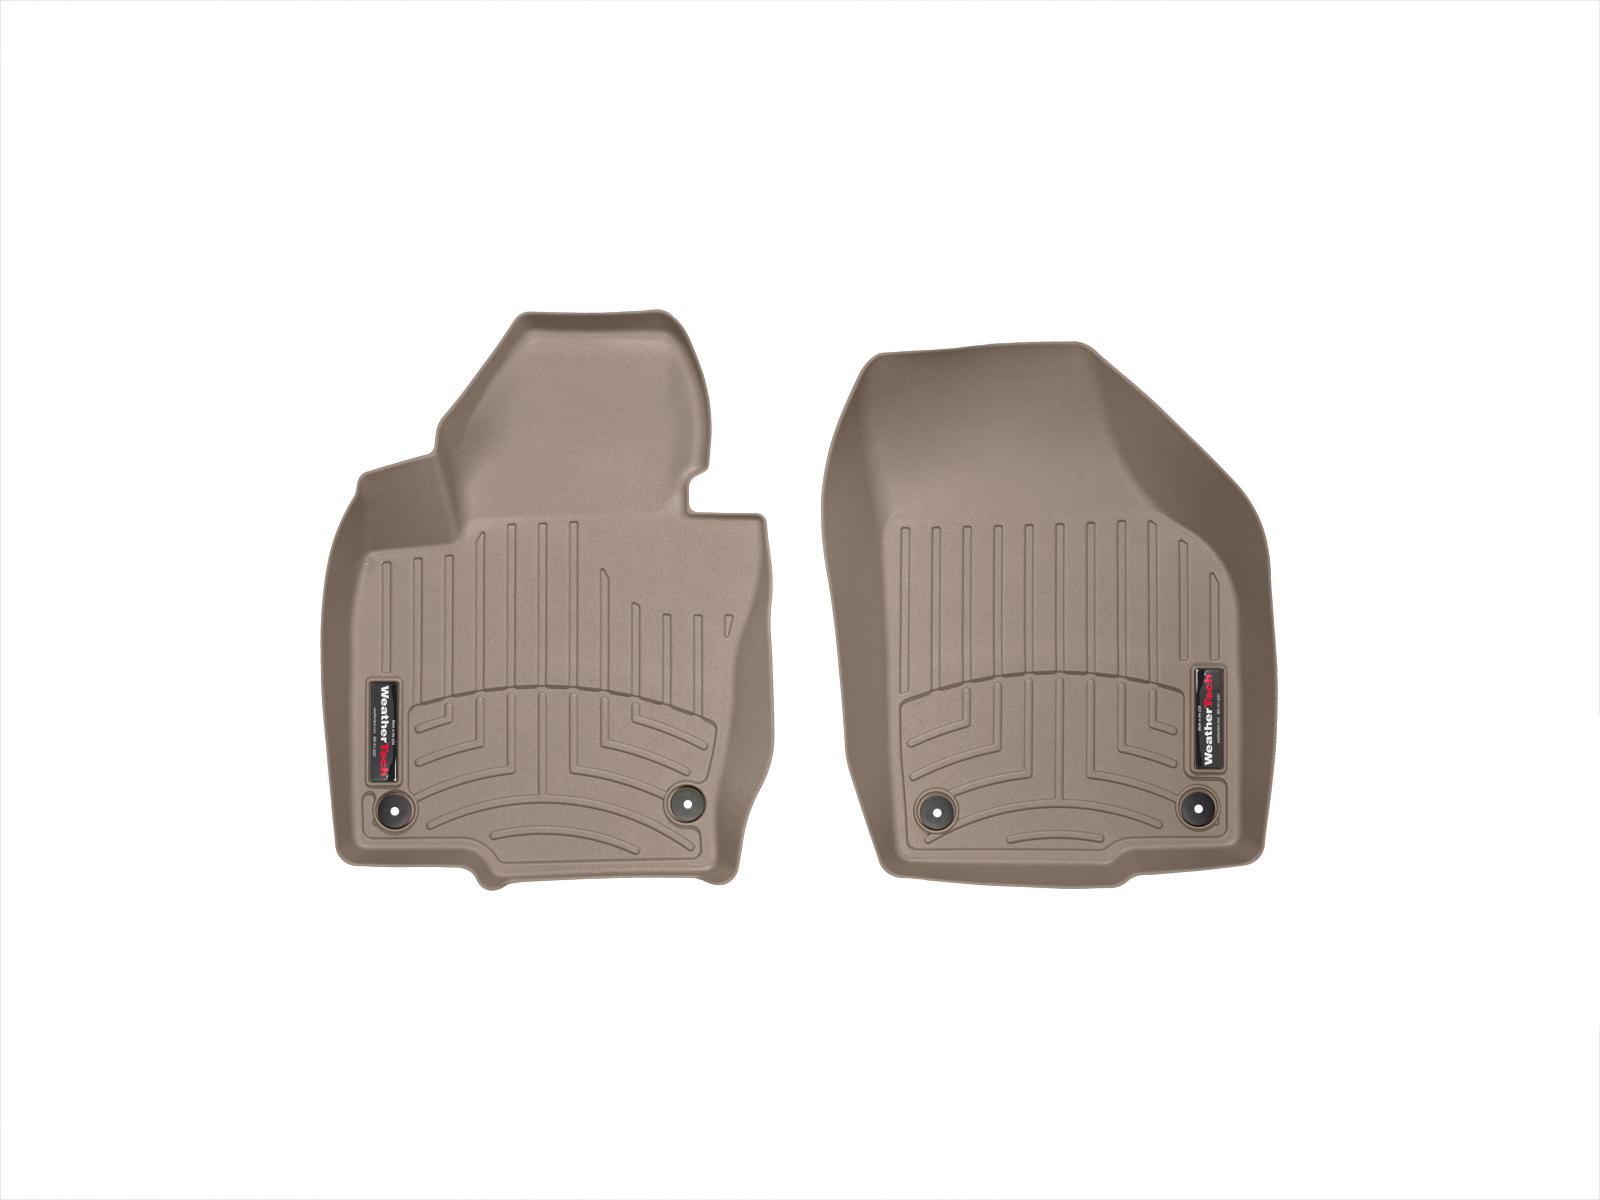 Tappeti gomma su misura bordo alto Volkswagen Tiguan 08>15 Marrone A4263*